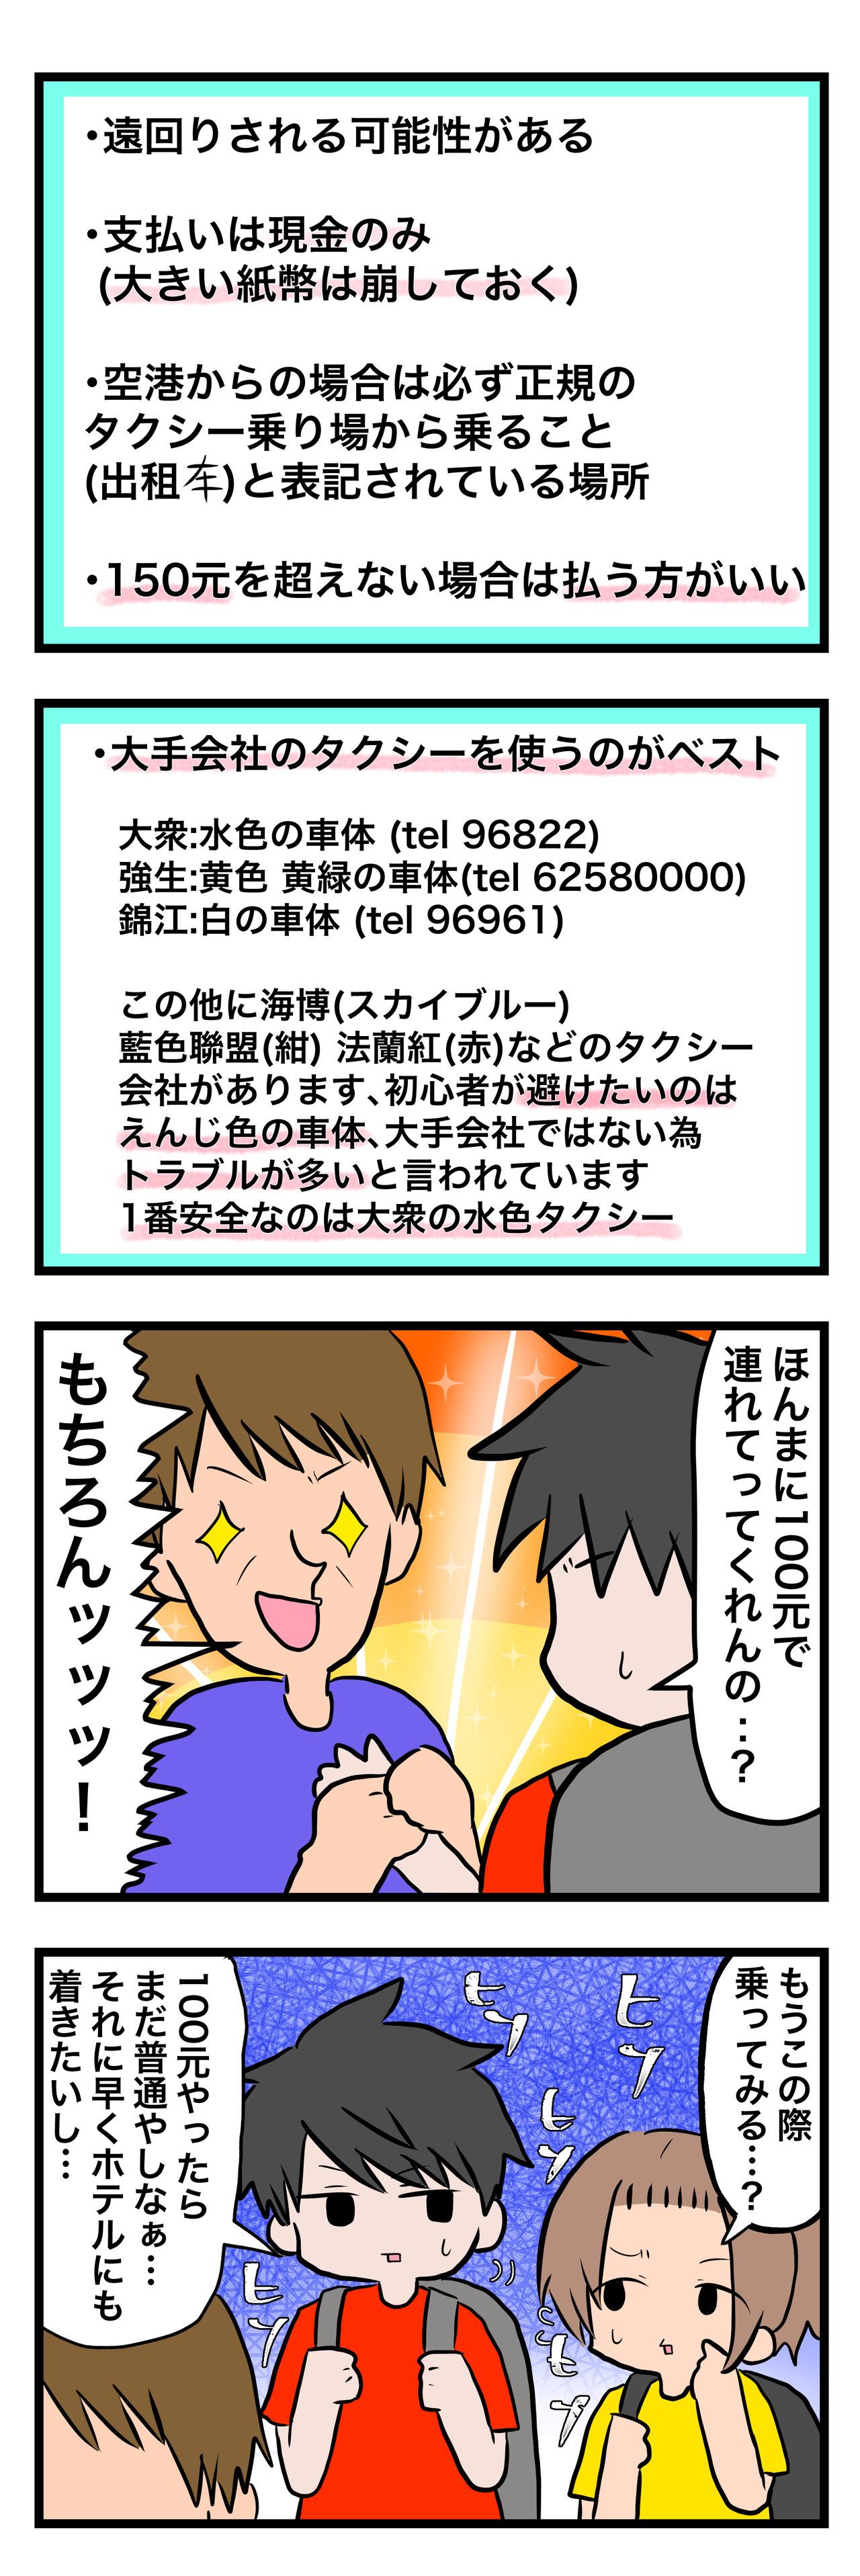 6EA3A601-BC3F-4DC4-8B71-7AAA01EAE5D2